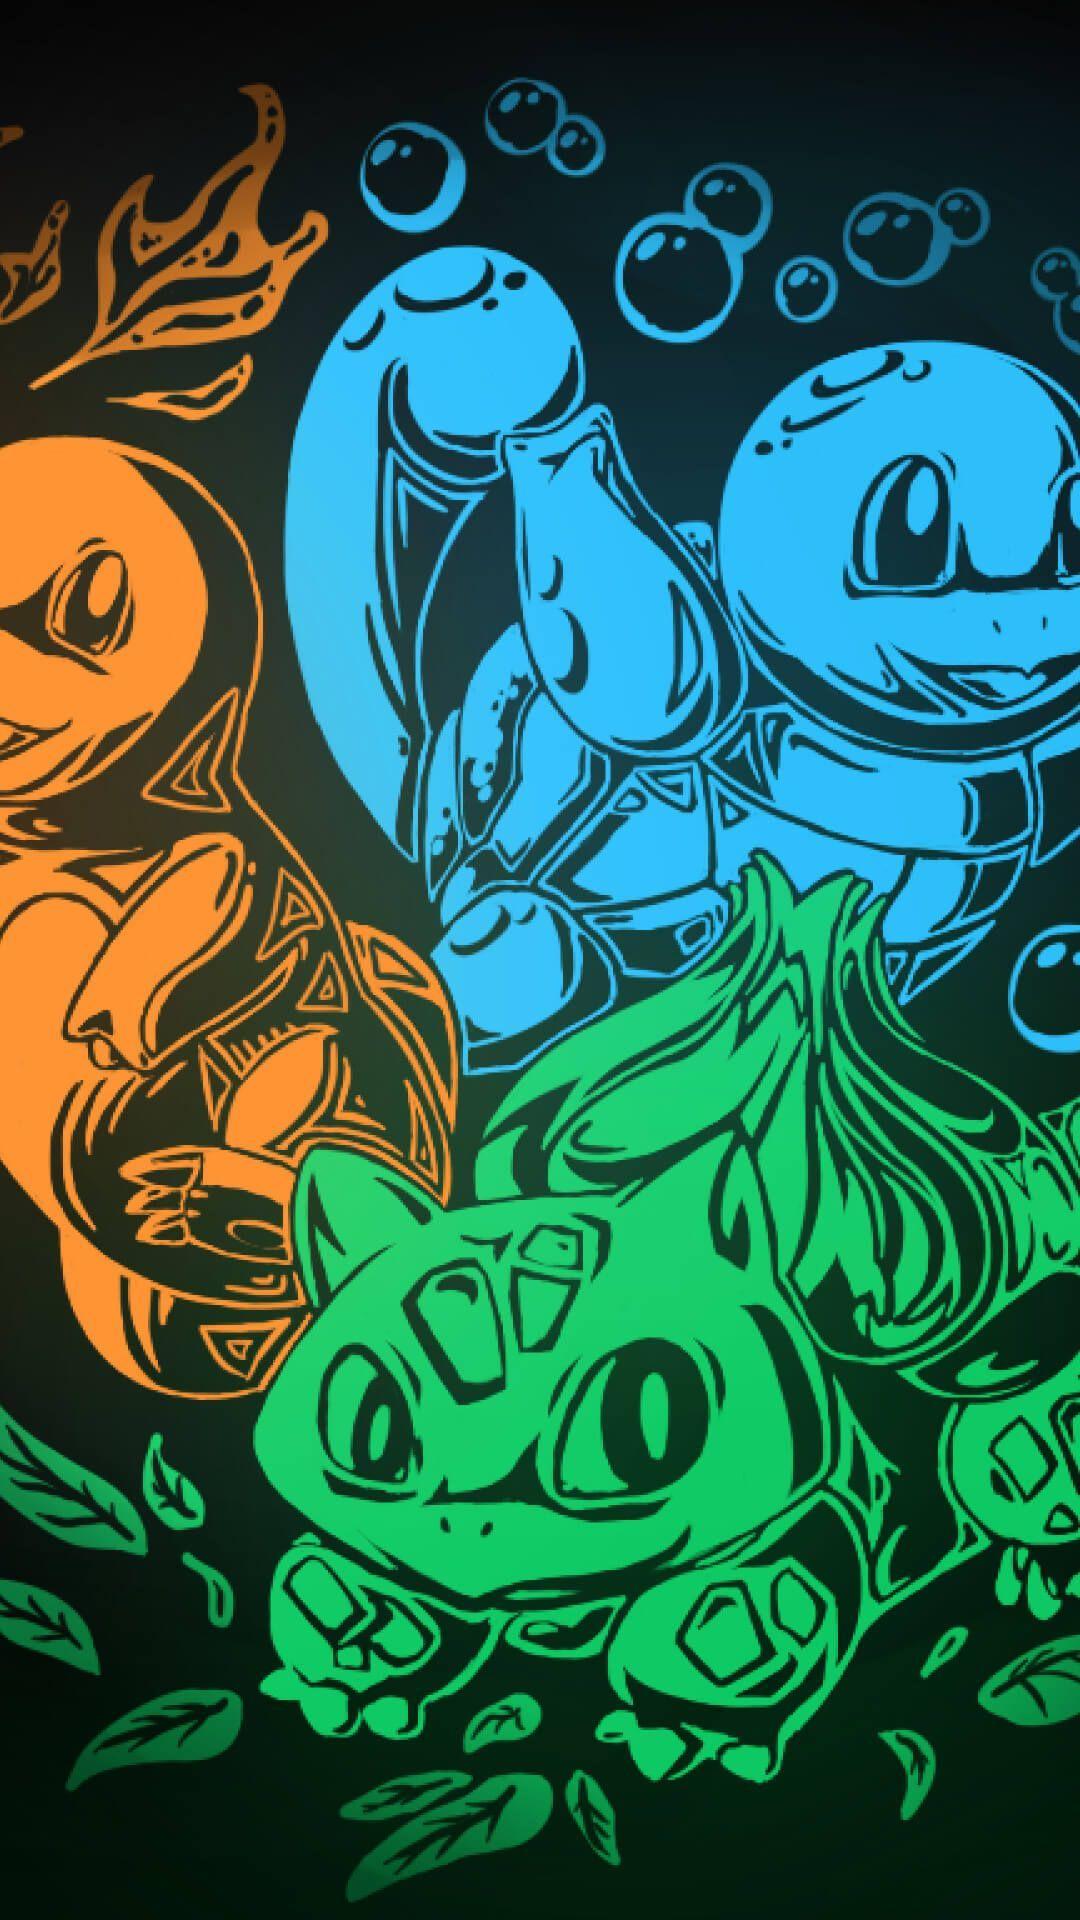 Turbo 10 fonds d'écran Pokémon pour tous les iPhone et iPod YW24